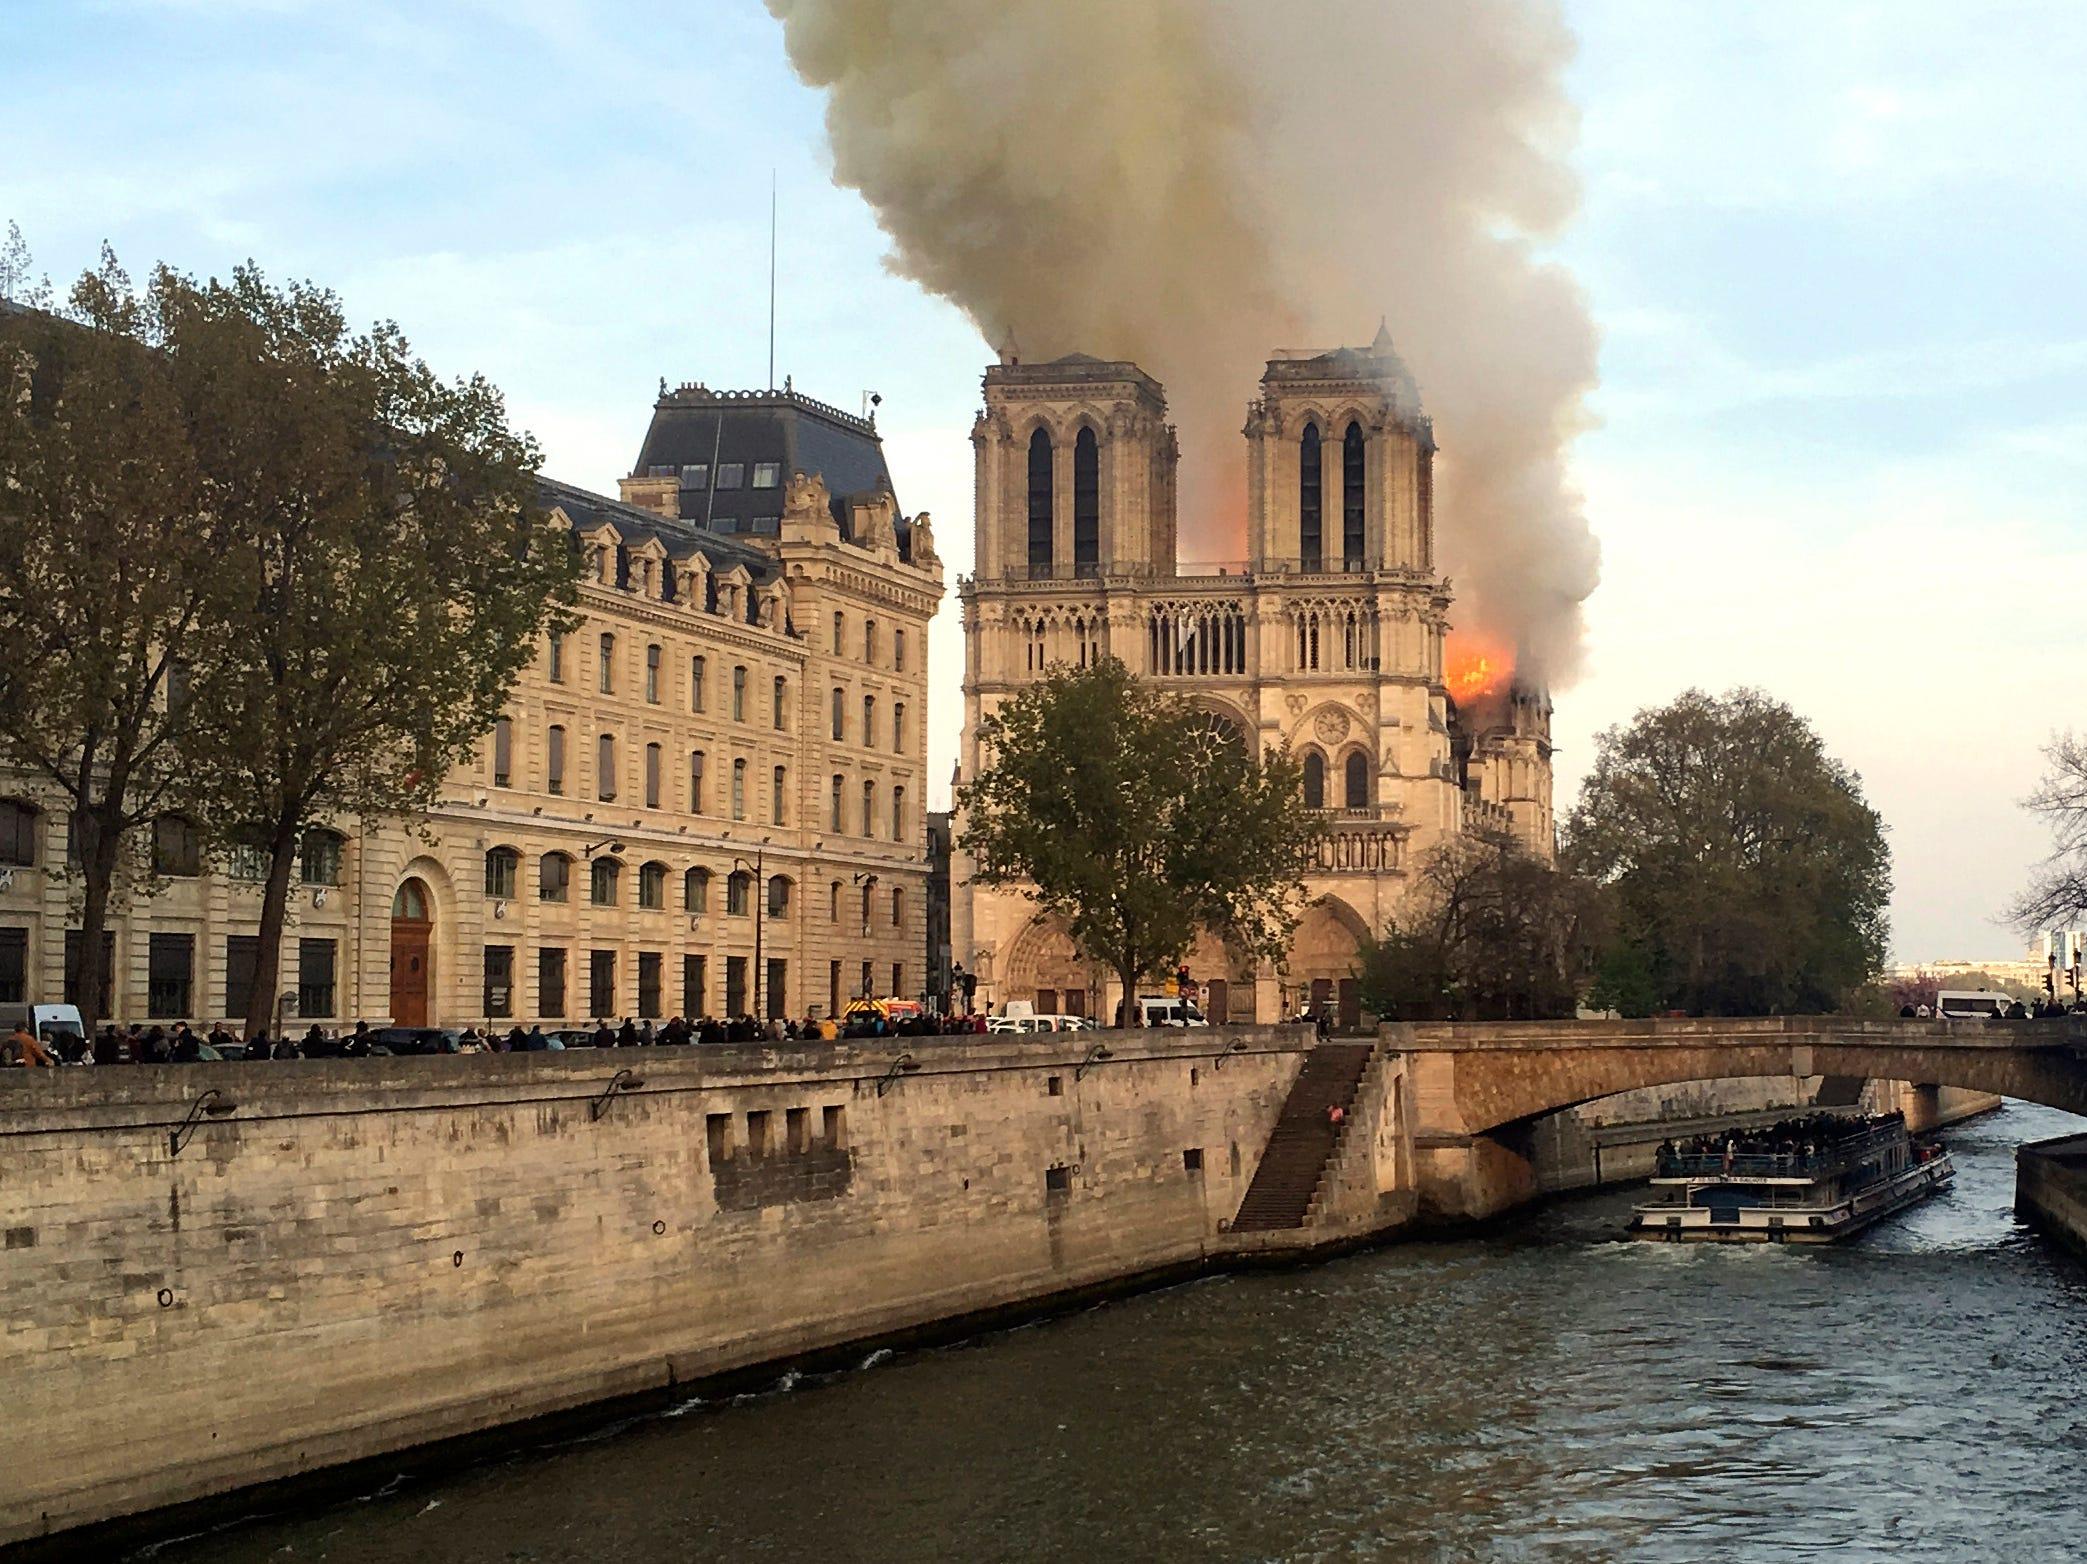 Los bomberos dijeron que es posible que el incendio se debió a un proyecto de renovación en la aguja de la iglesia y sus 250 toneladas de plomo.